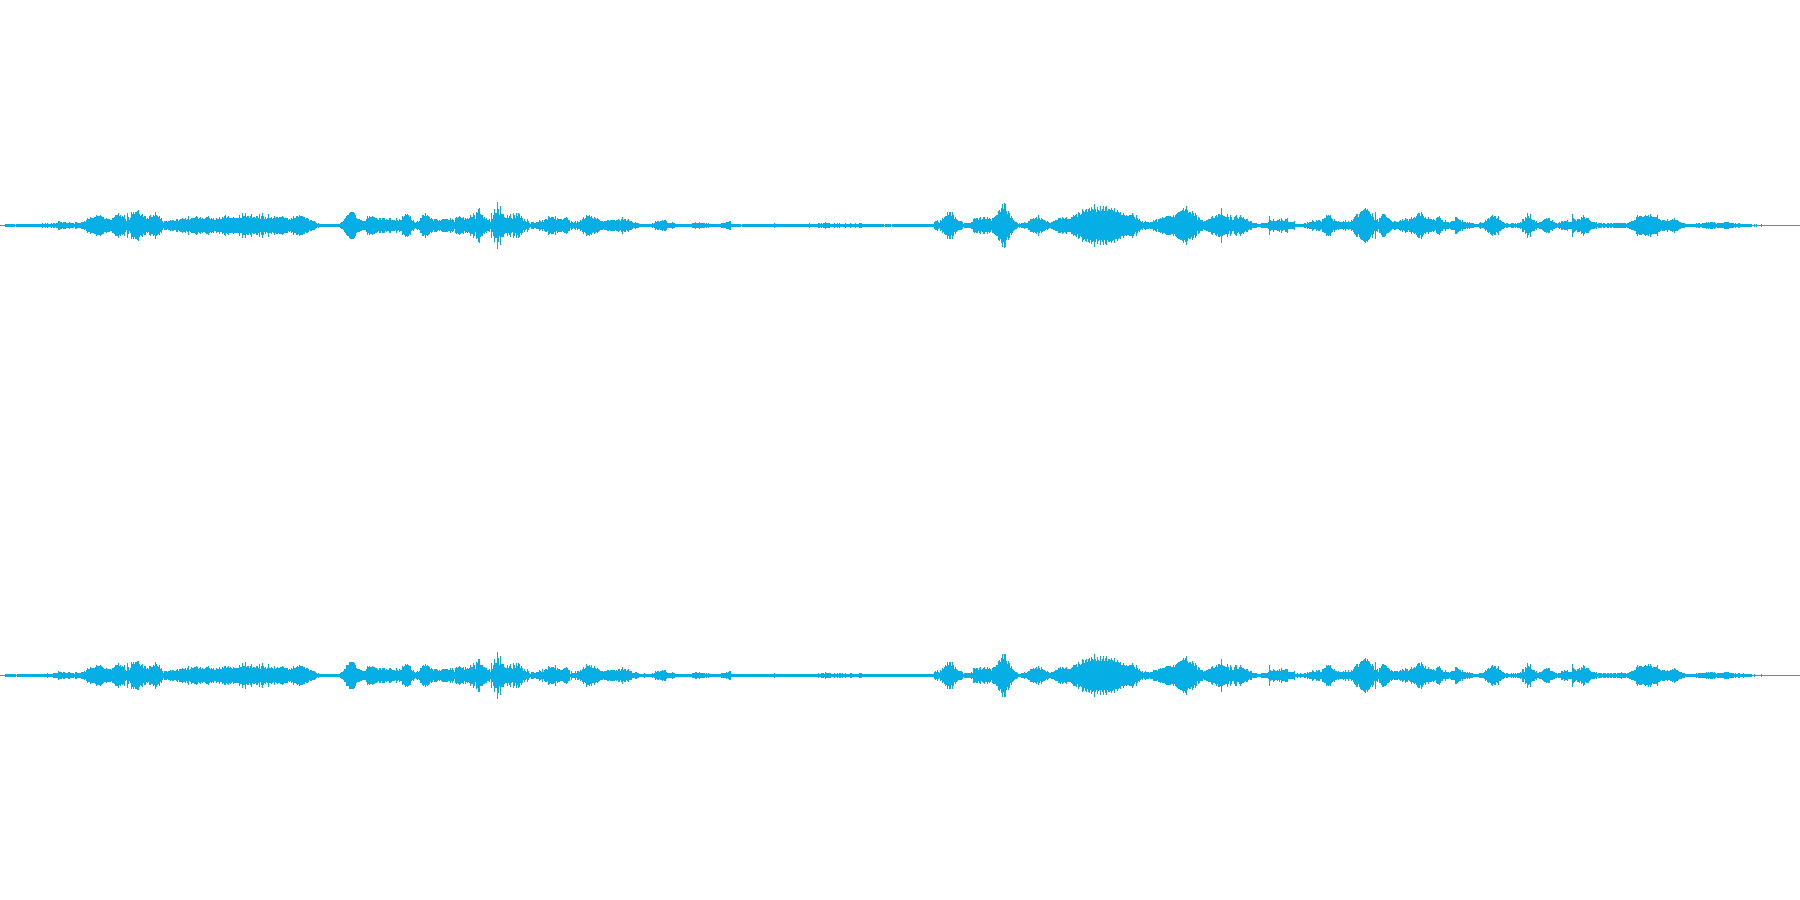 (ブツブツぼそぼそ)の再生済みの波形